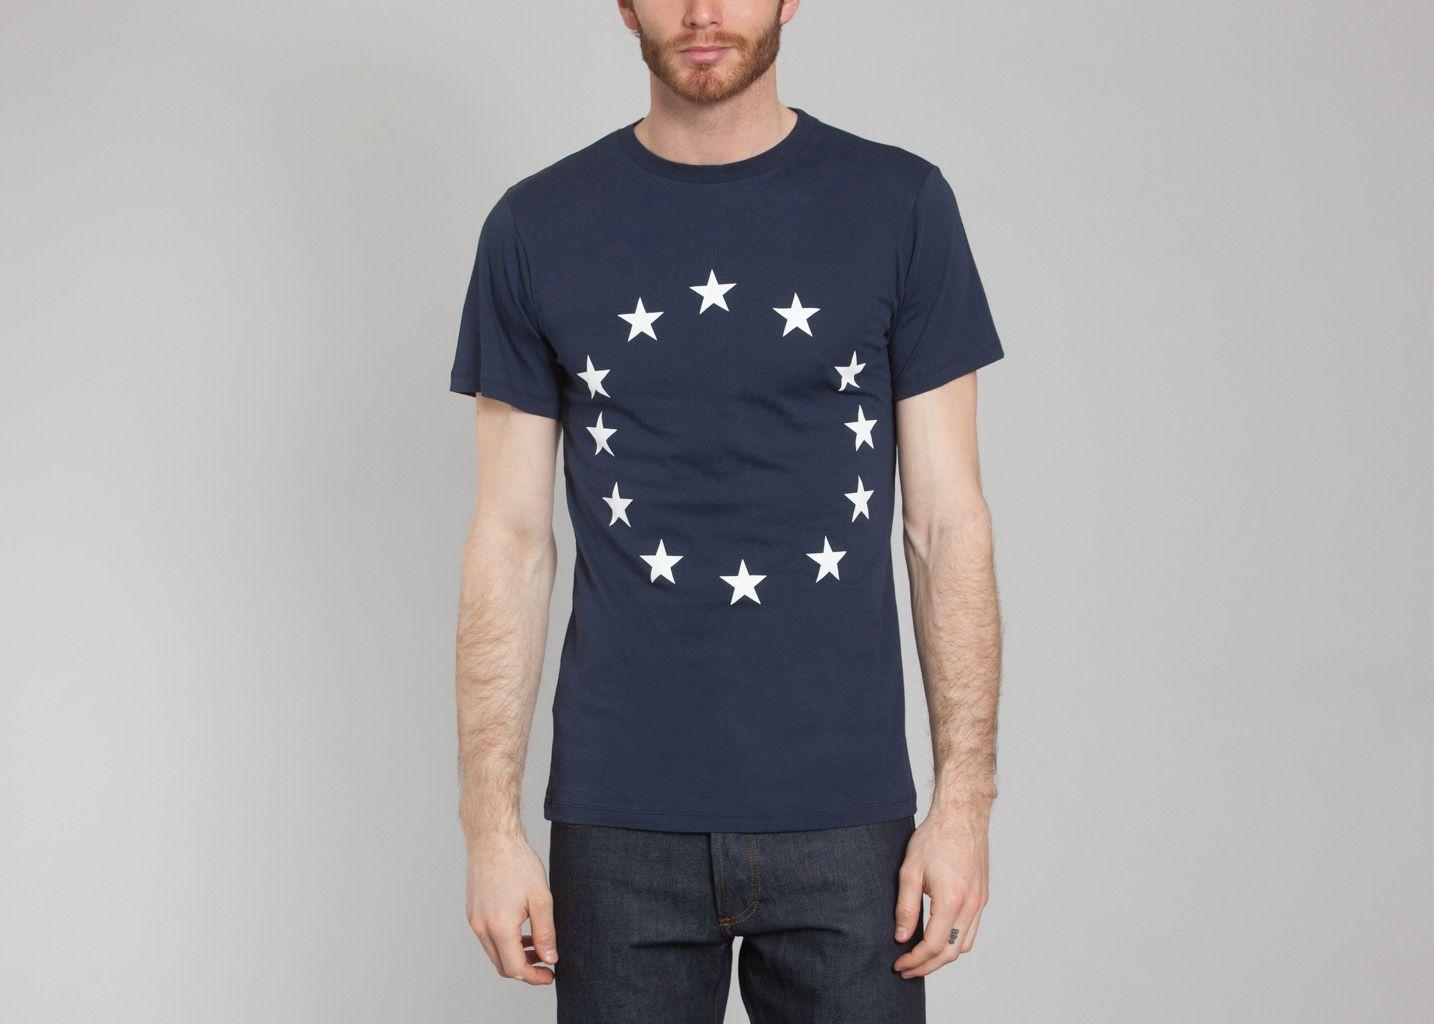 Tshirt Page Europa - Études